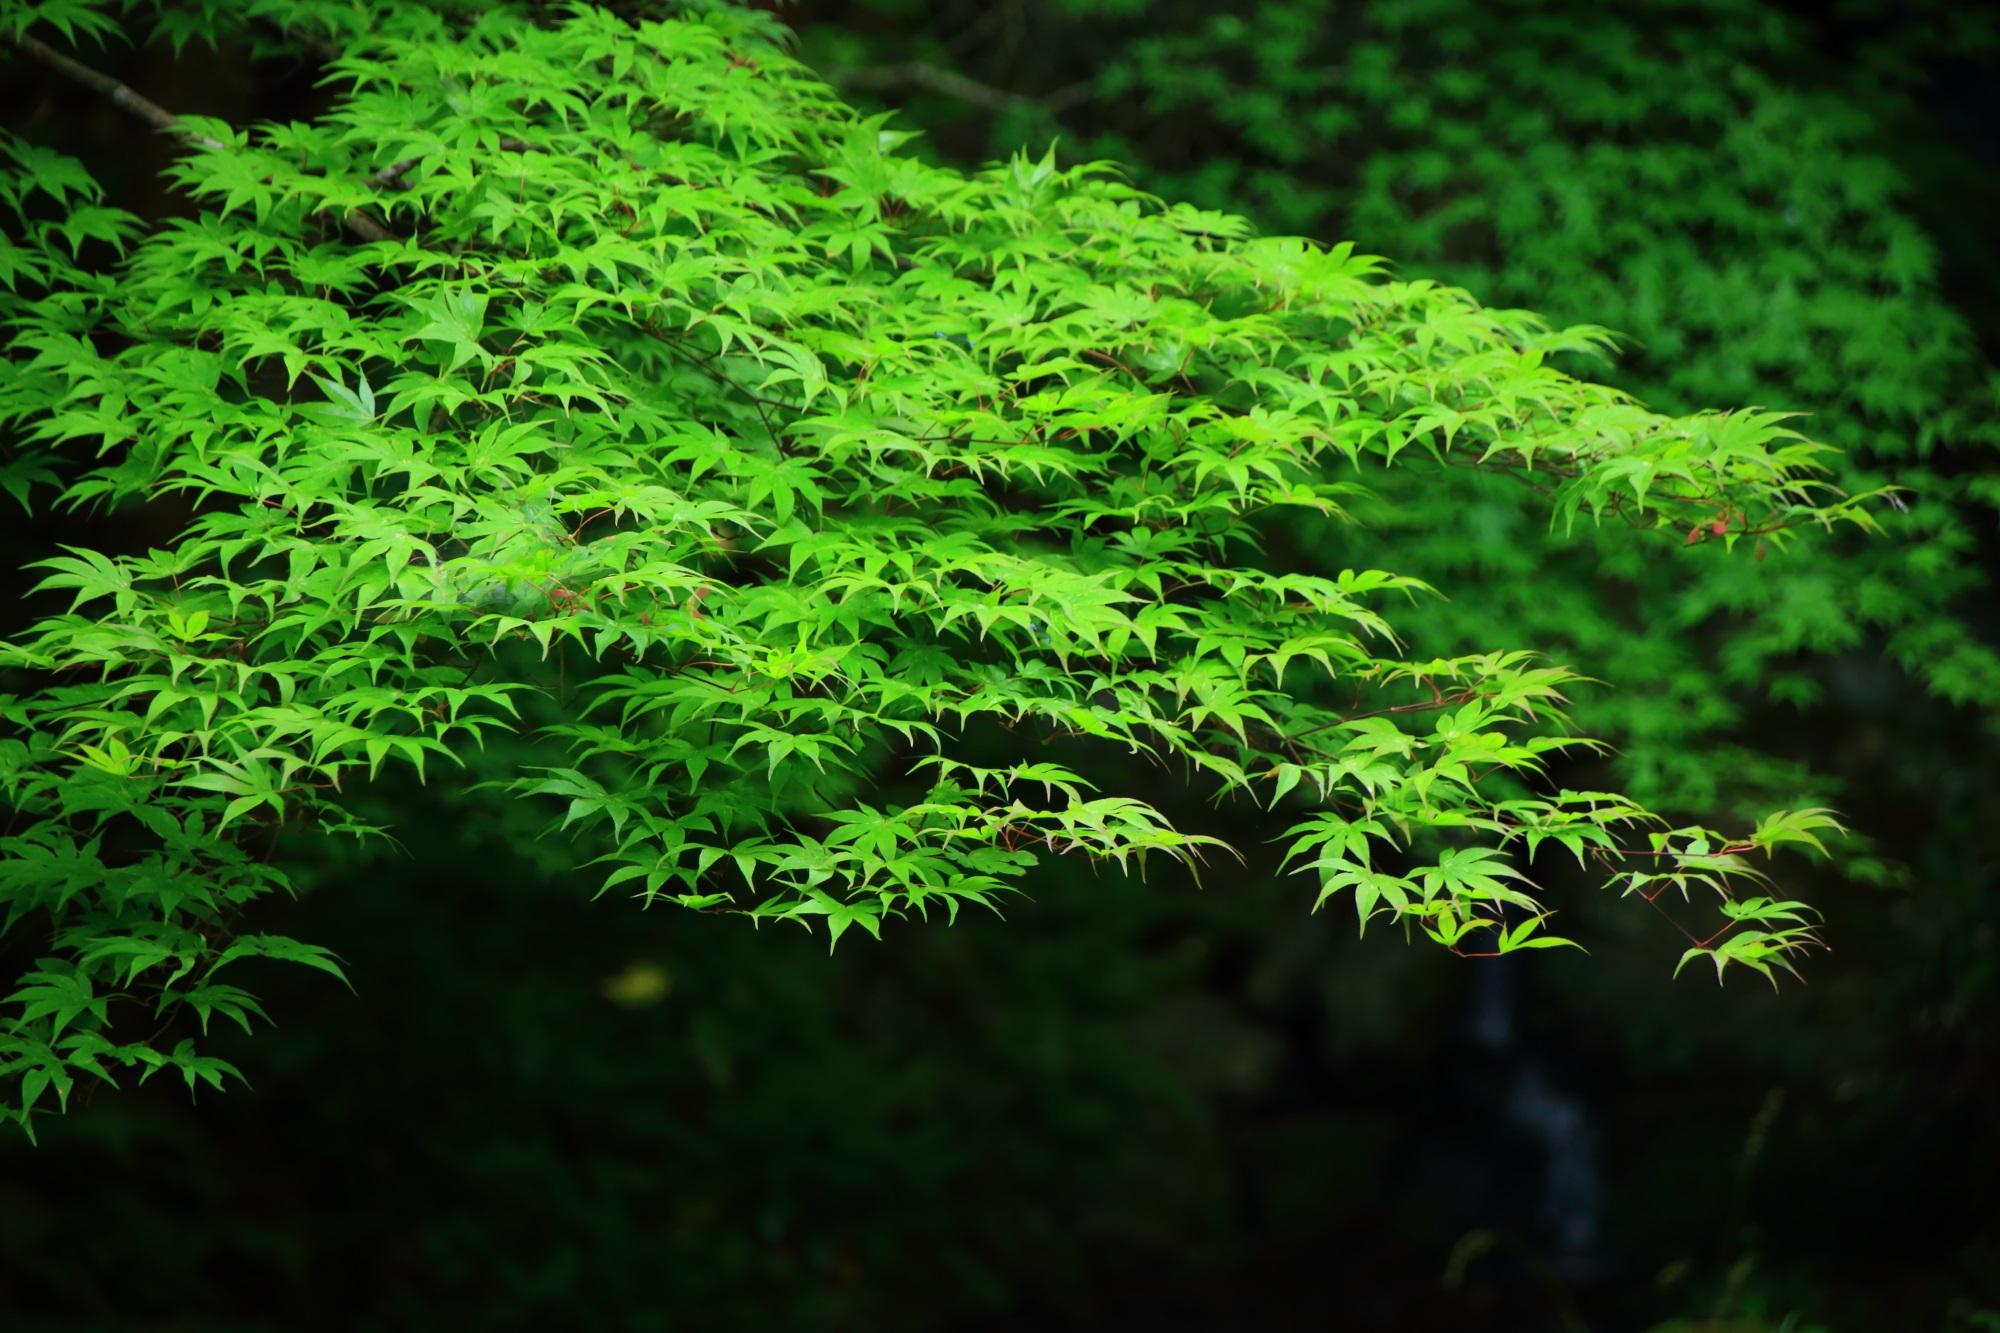 青もみじ 南禅院 鮮やか 緑